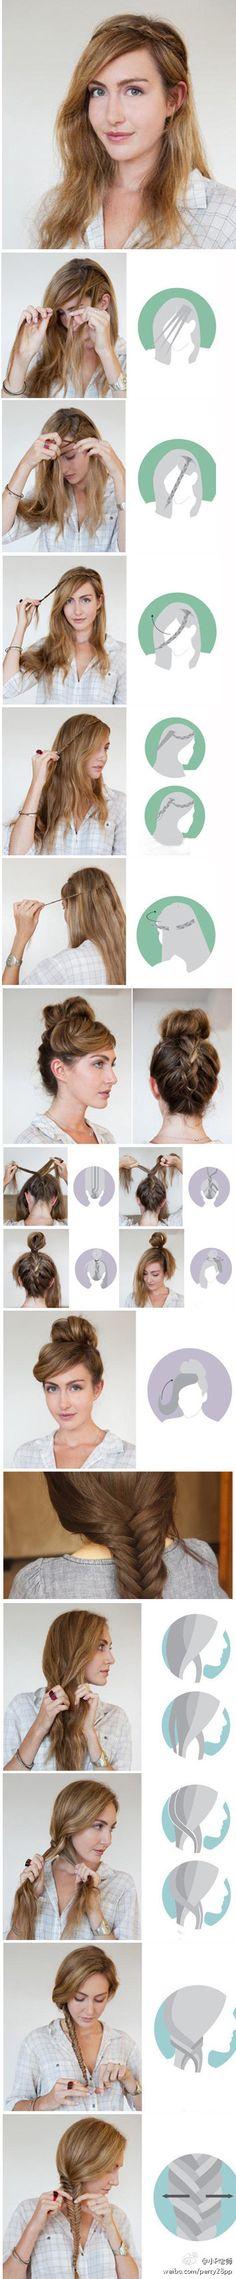 DIY Braided Hair Hairstyles-great tutorial   #tutorials #howto #hair #diy #hairstyles